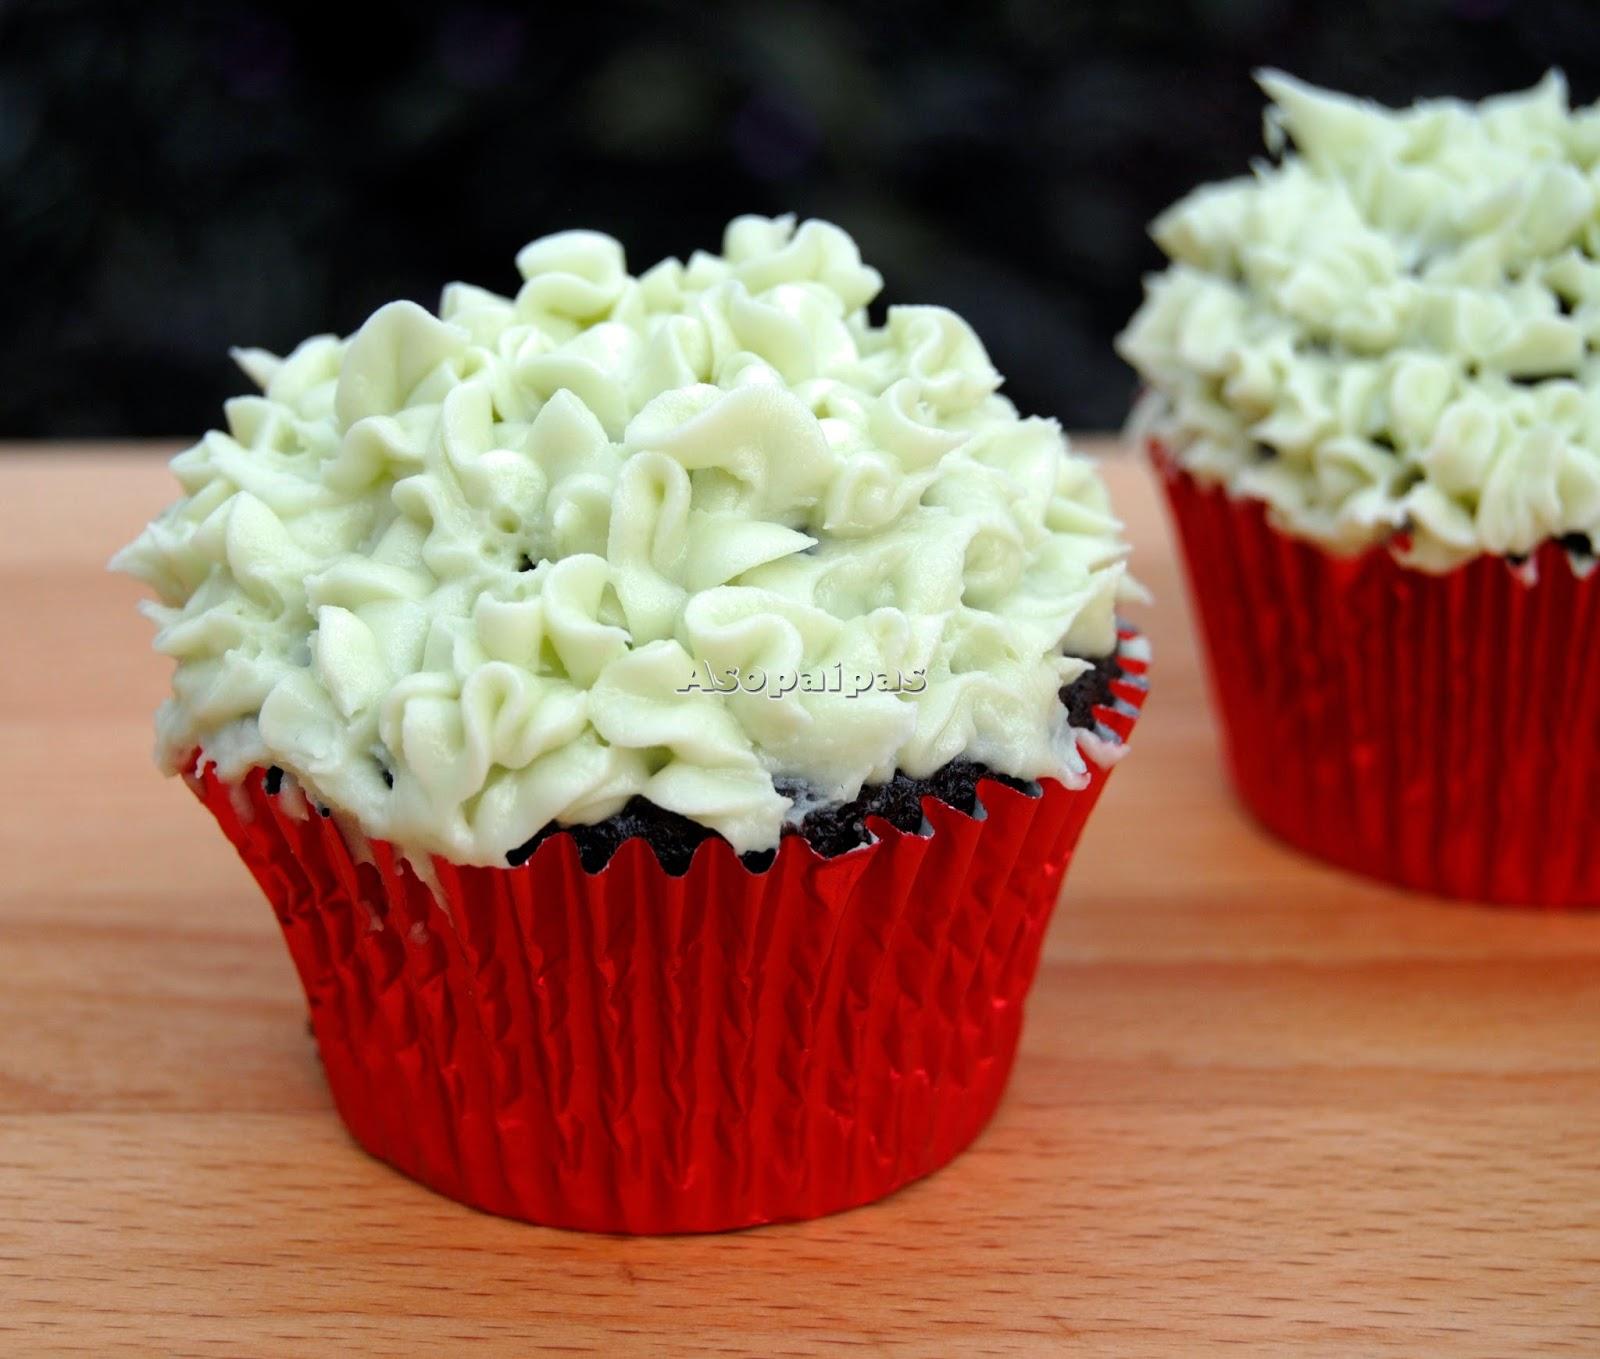 Cupcakes con Chocolate y Crema de mantequilla con menta